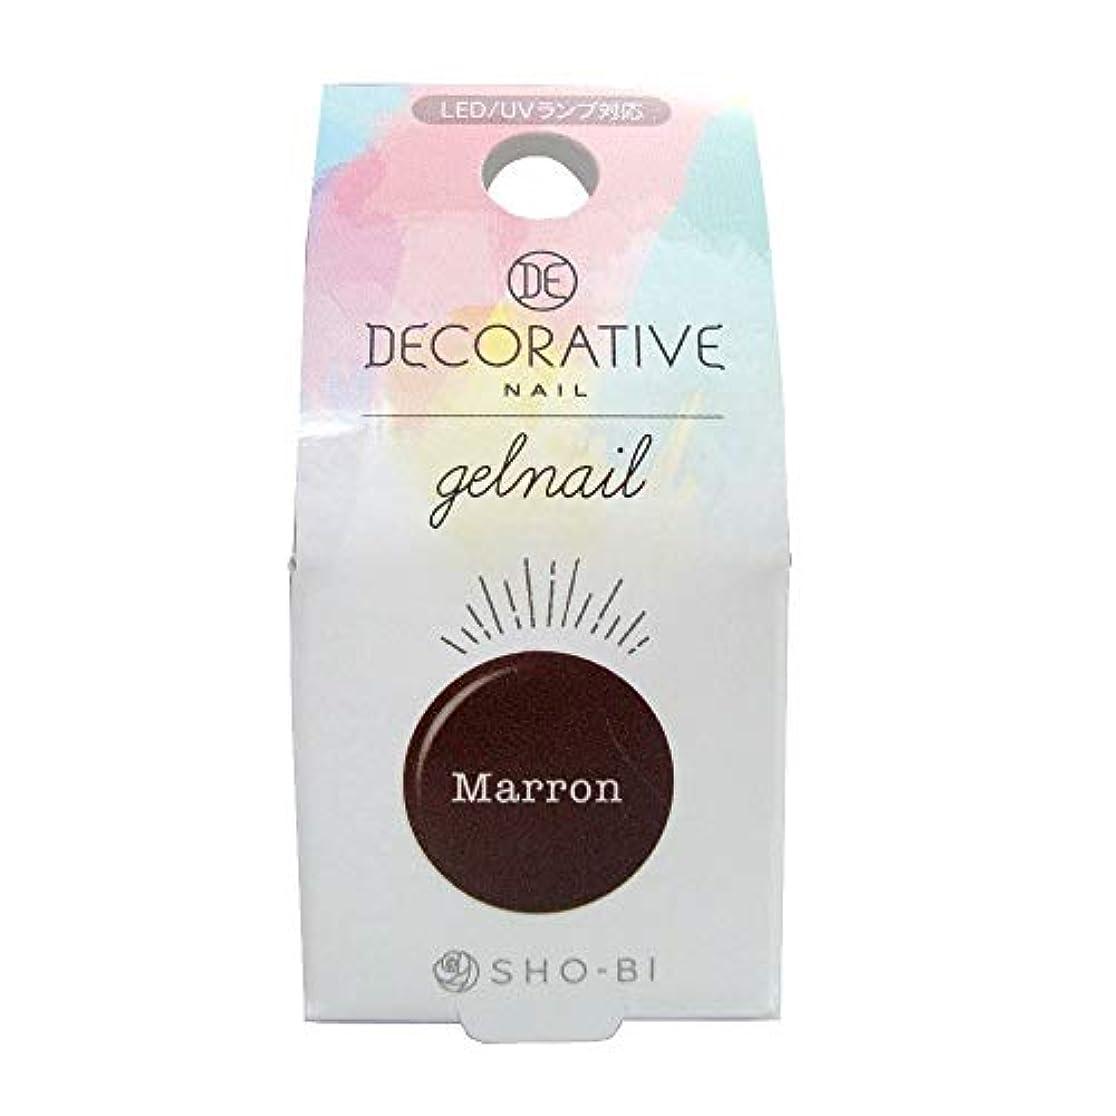 洗剤効率的に仮定DECORATIVE NAIL デコラティブネイル ジェルネイル カラージェル マロン TN81185